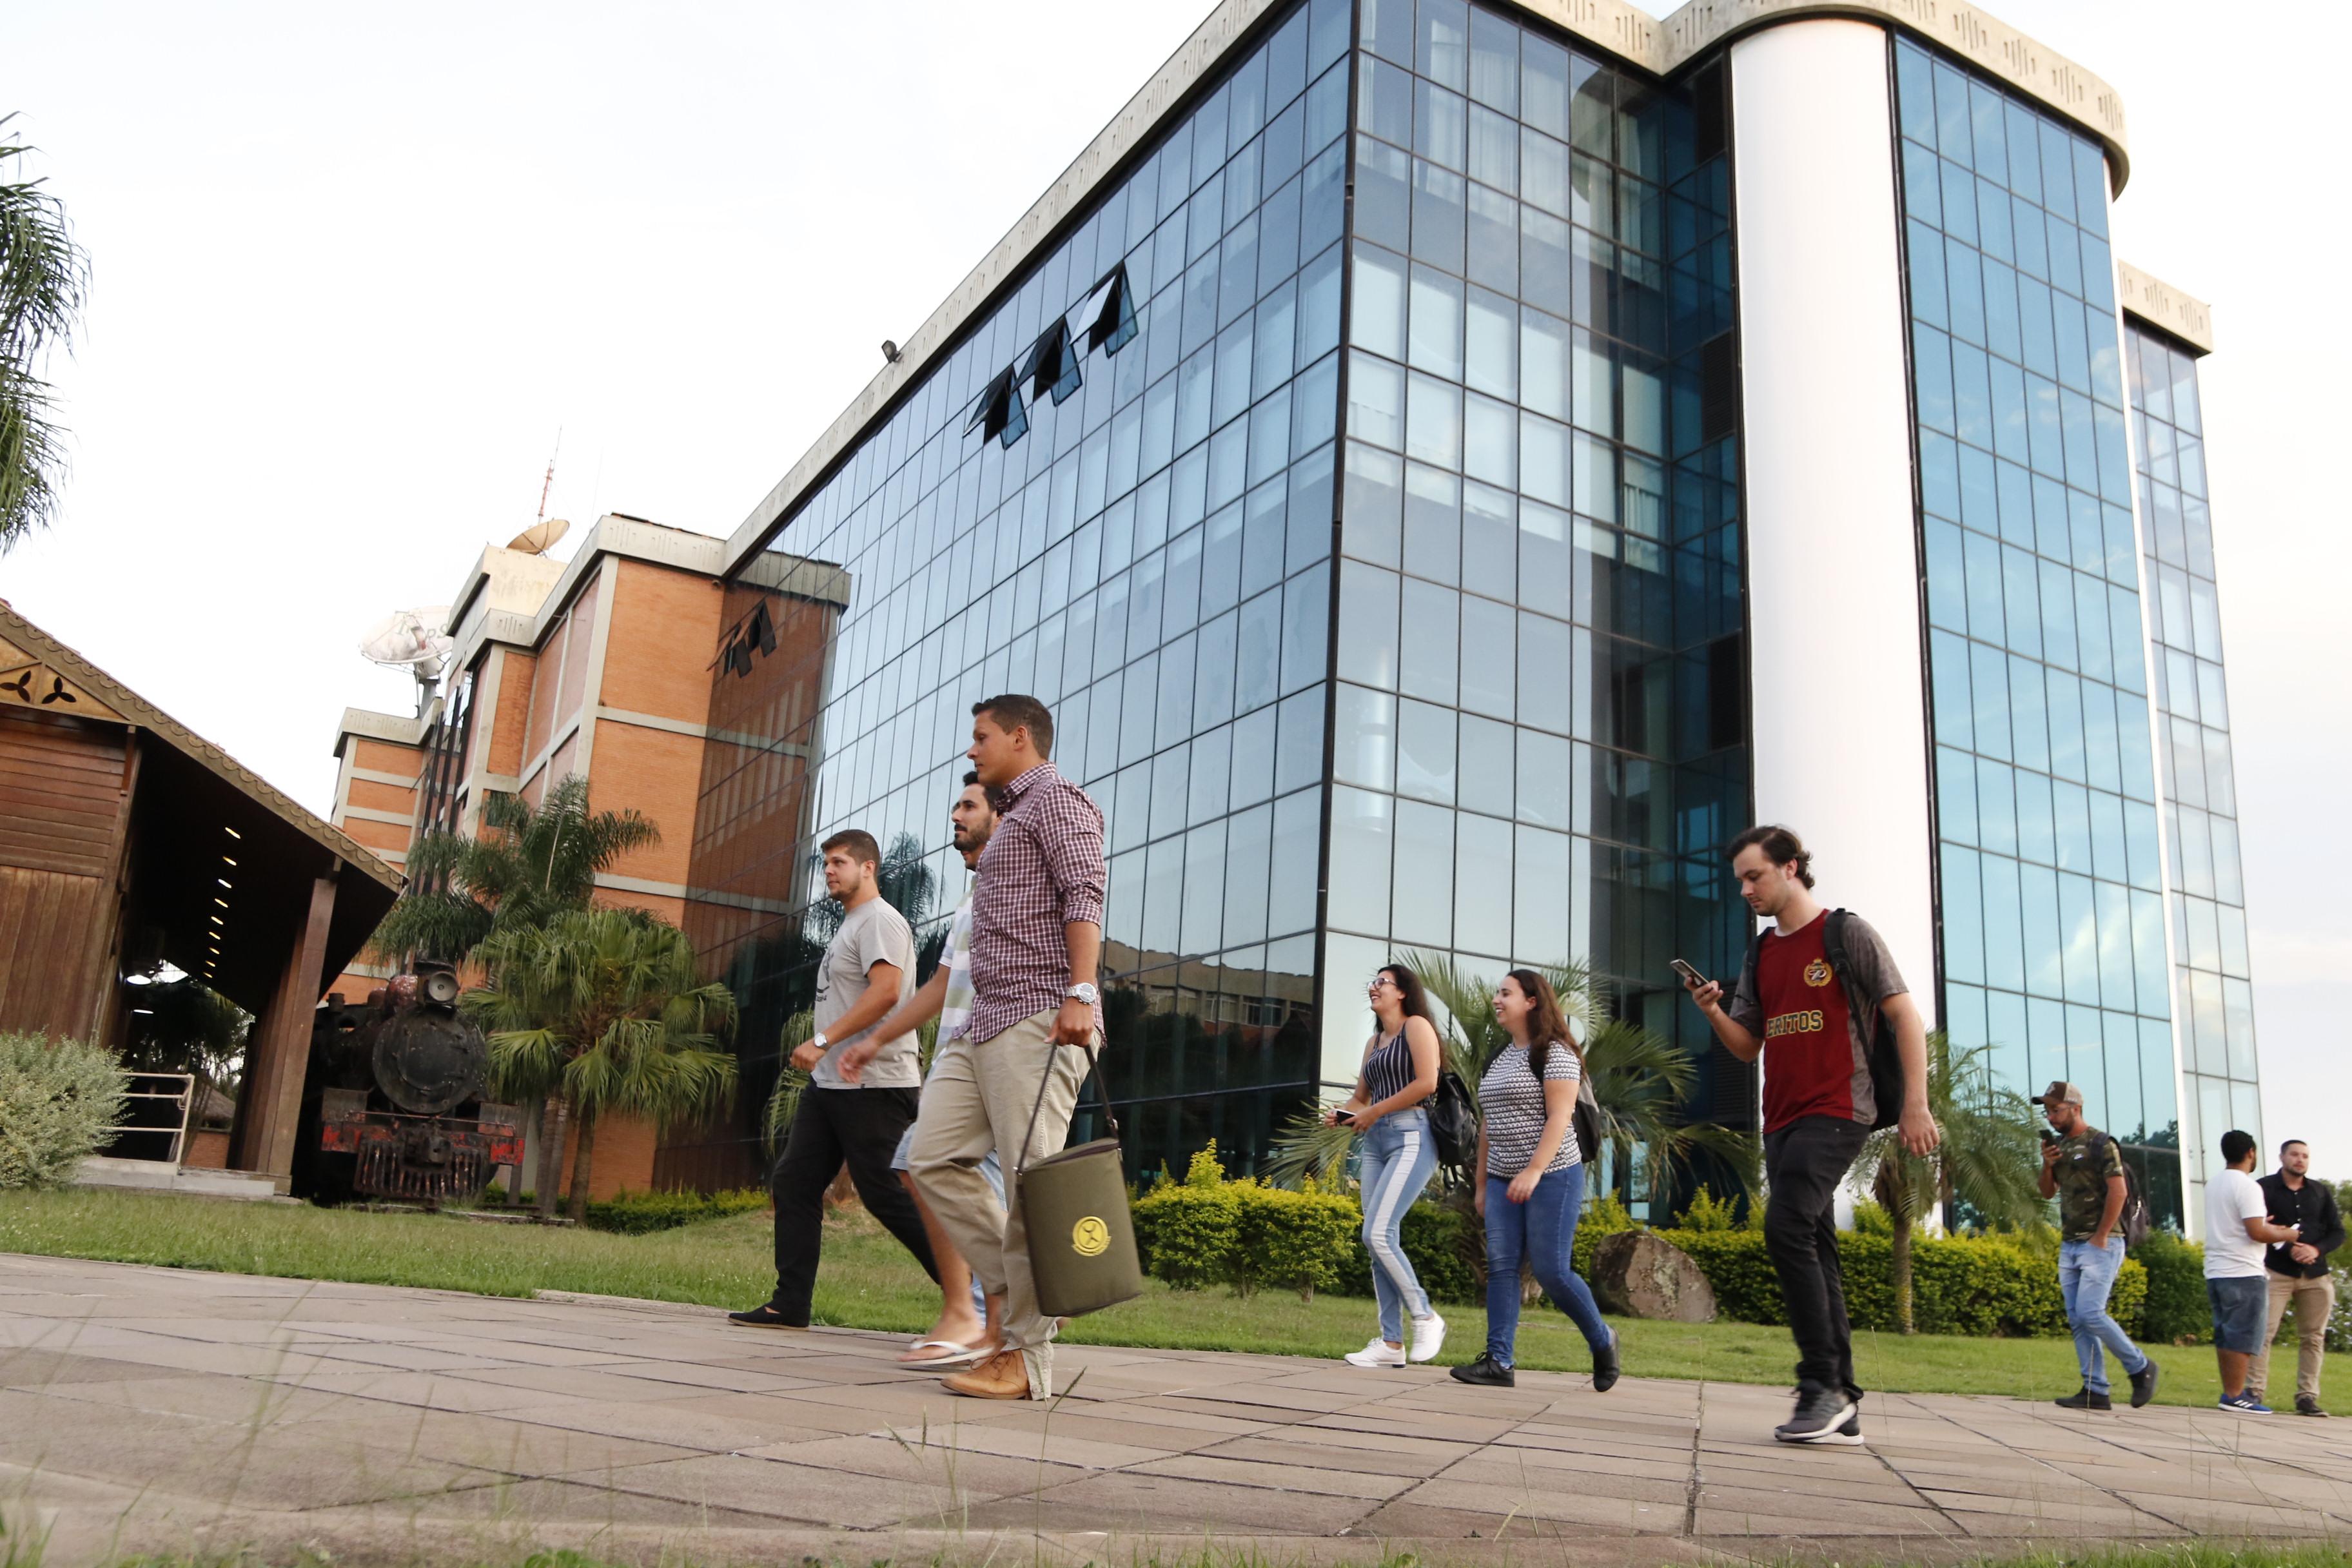 Homenagens e iniciativa #SomosUlbra marcam a celebração do aniversário da Universidade nesta quinta-feira